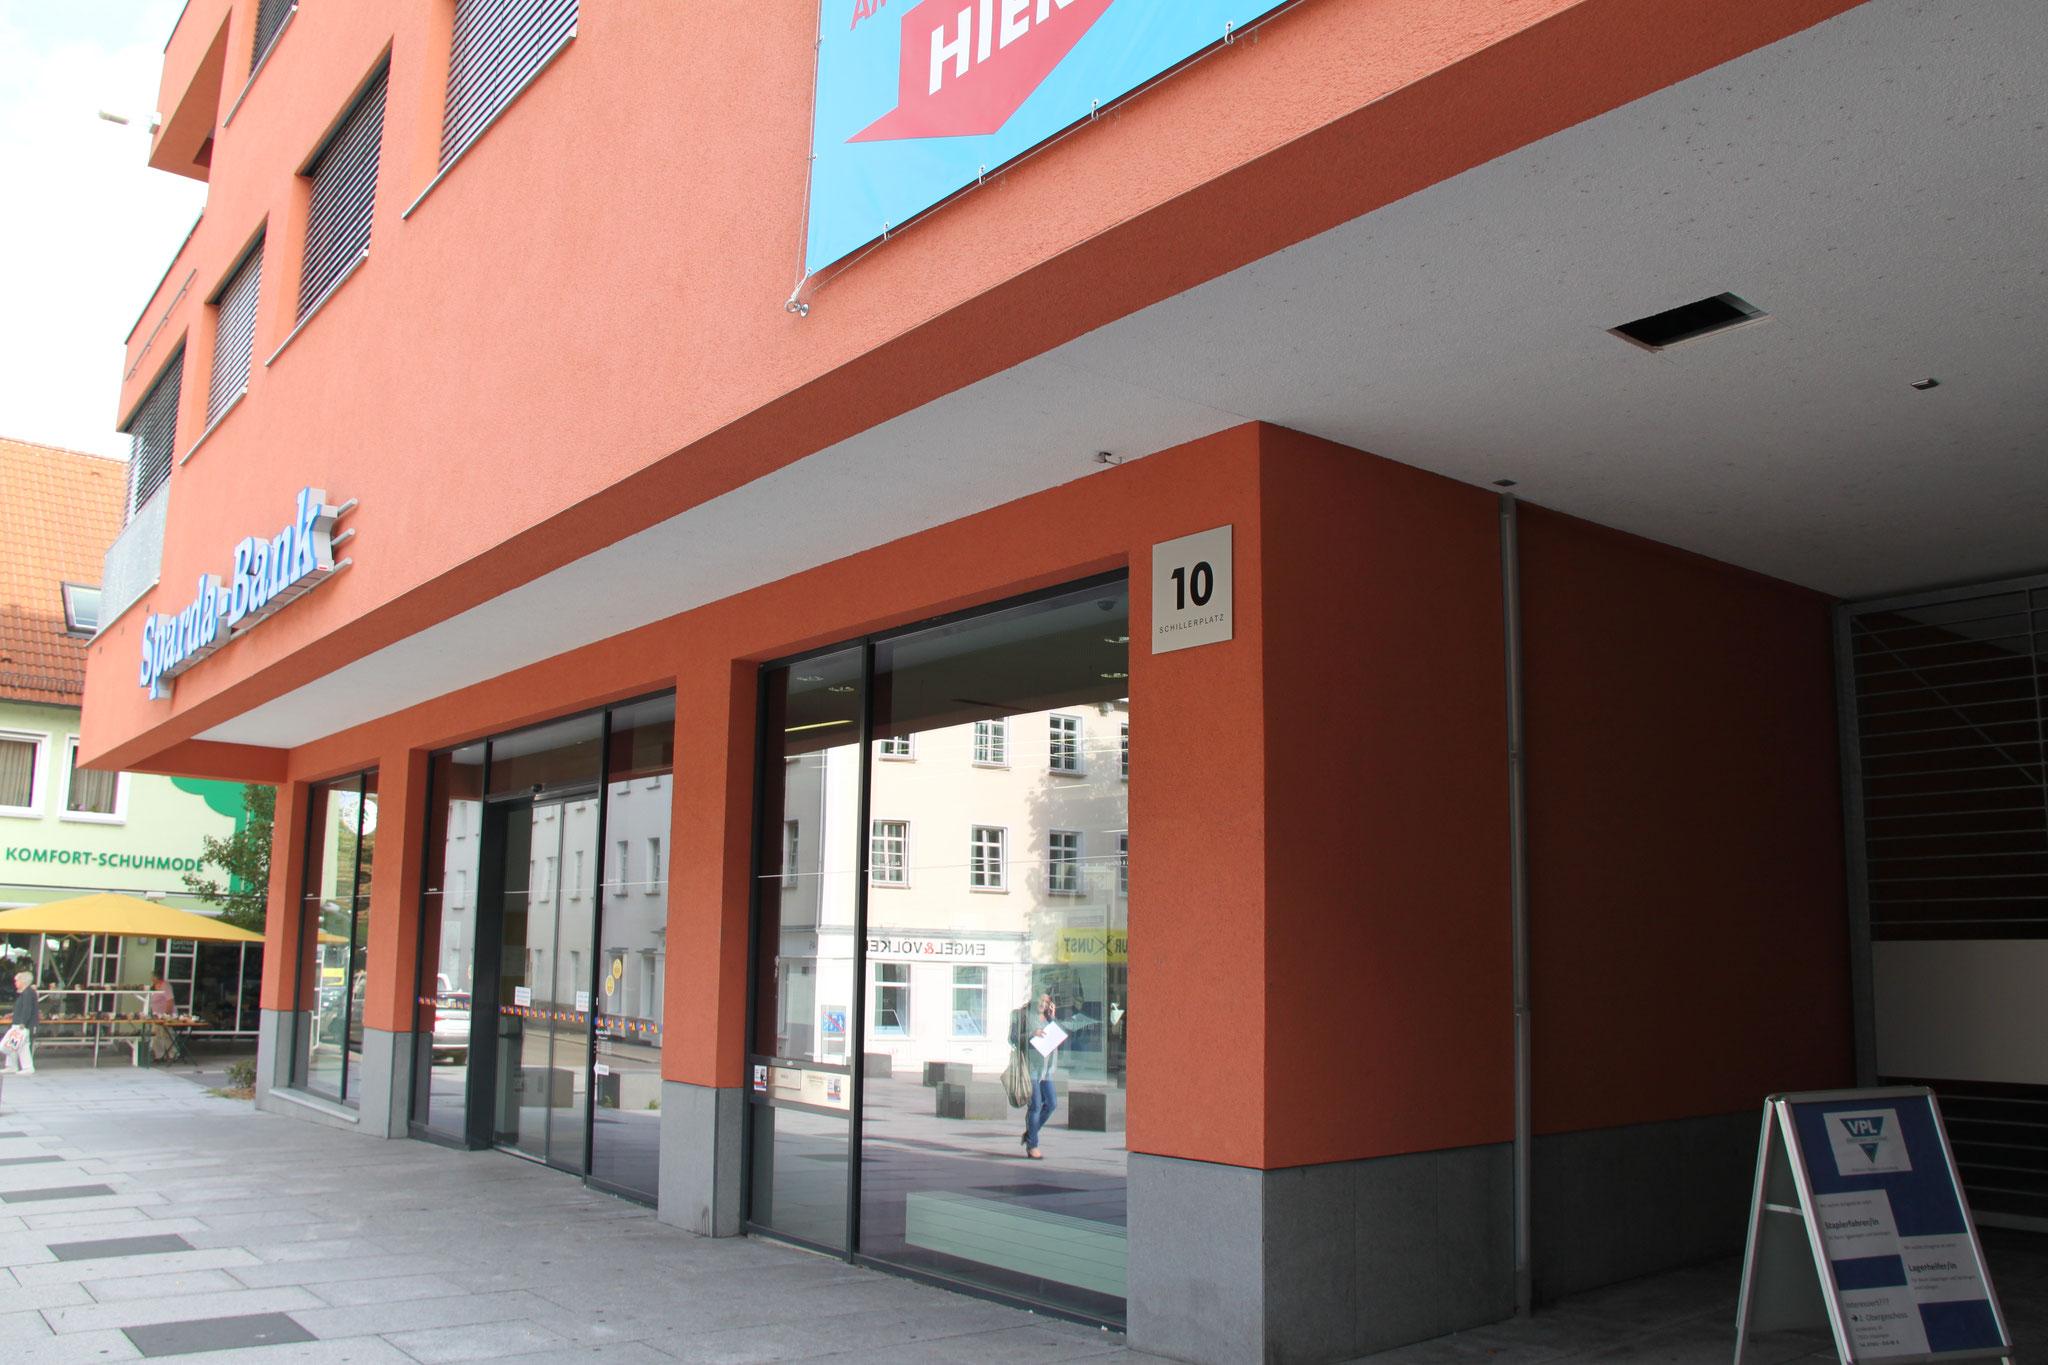 Roth-Carree Schillerplatz 10 in Göppingen